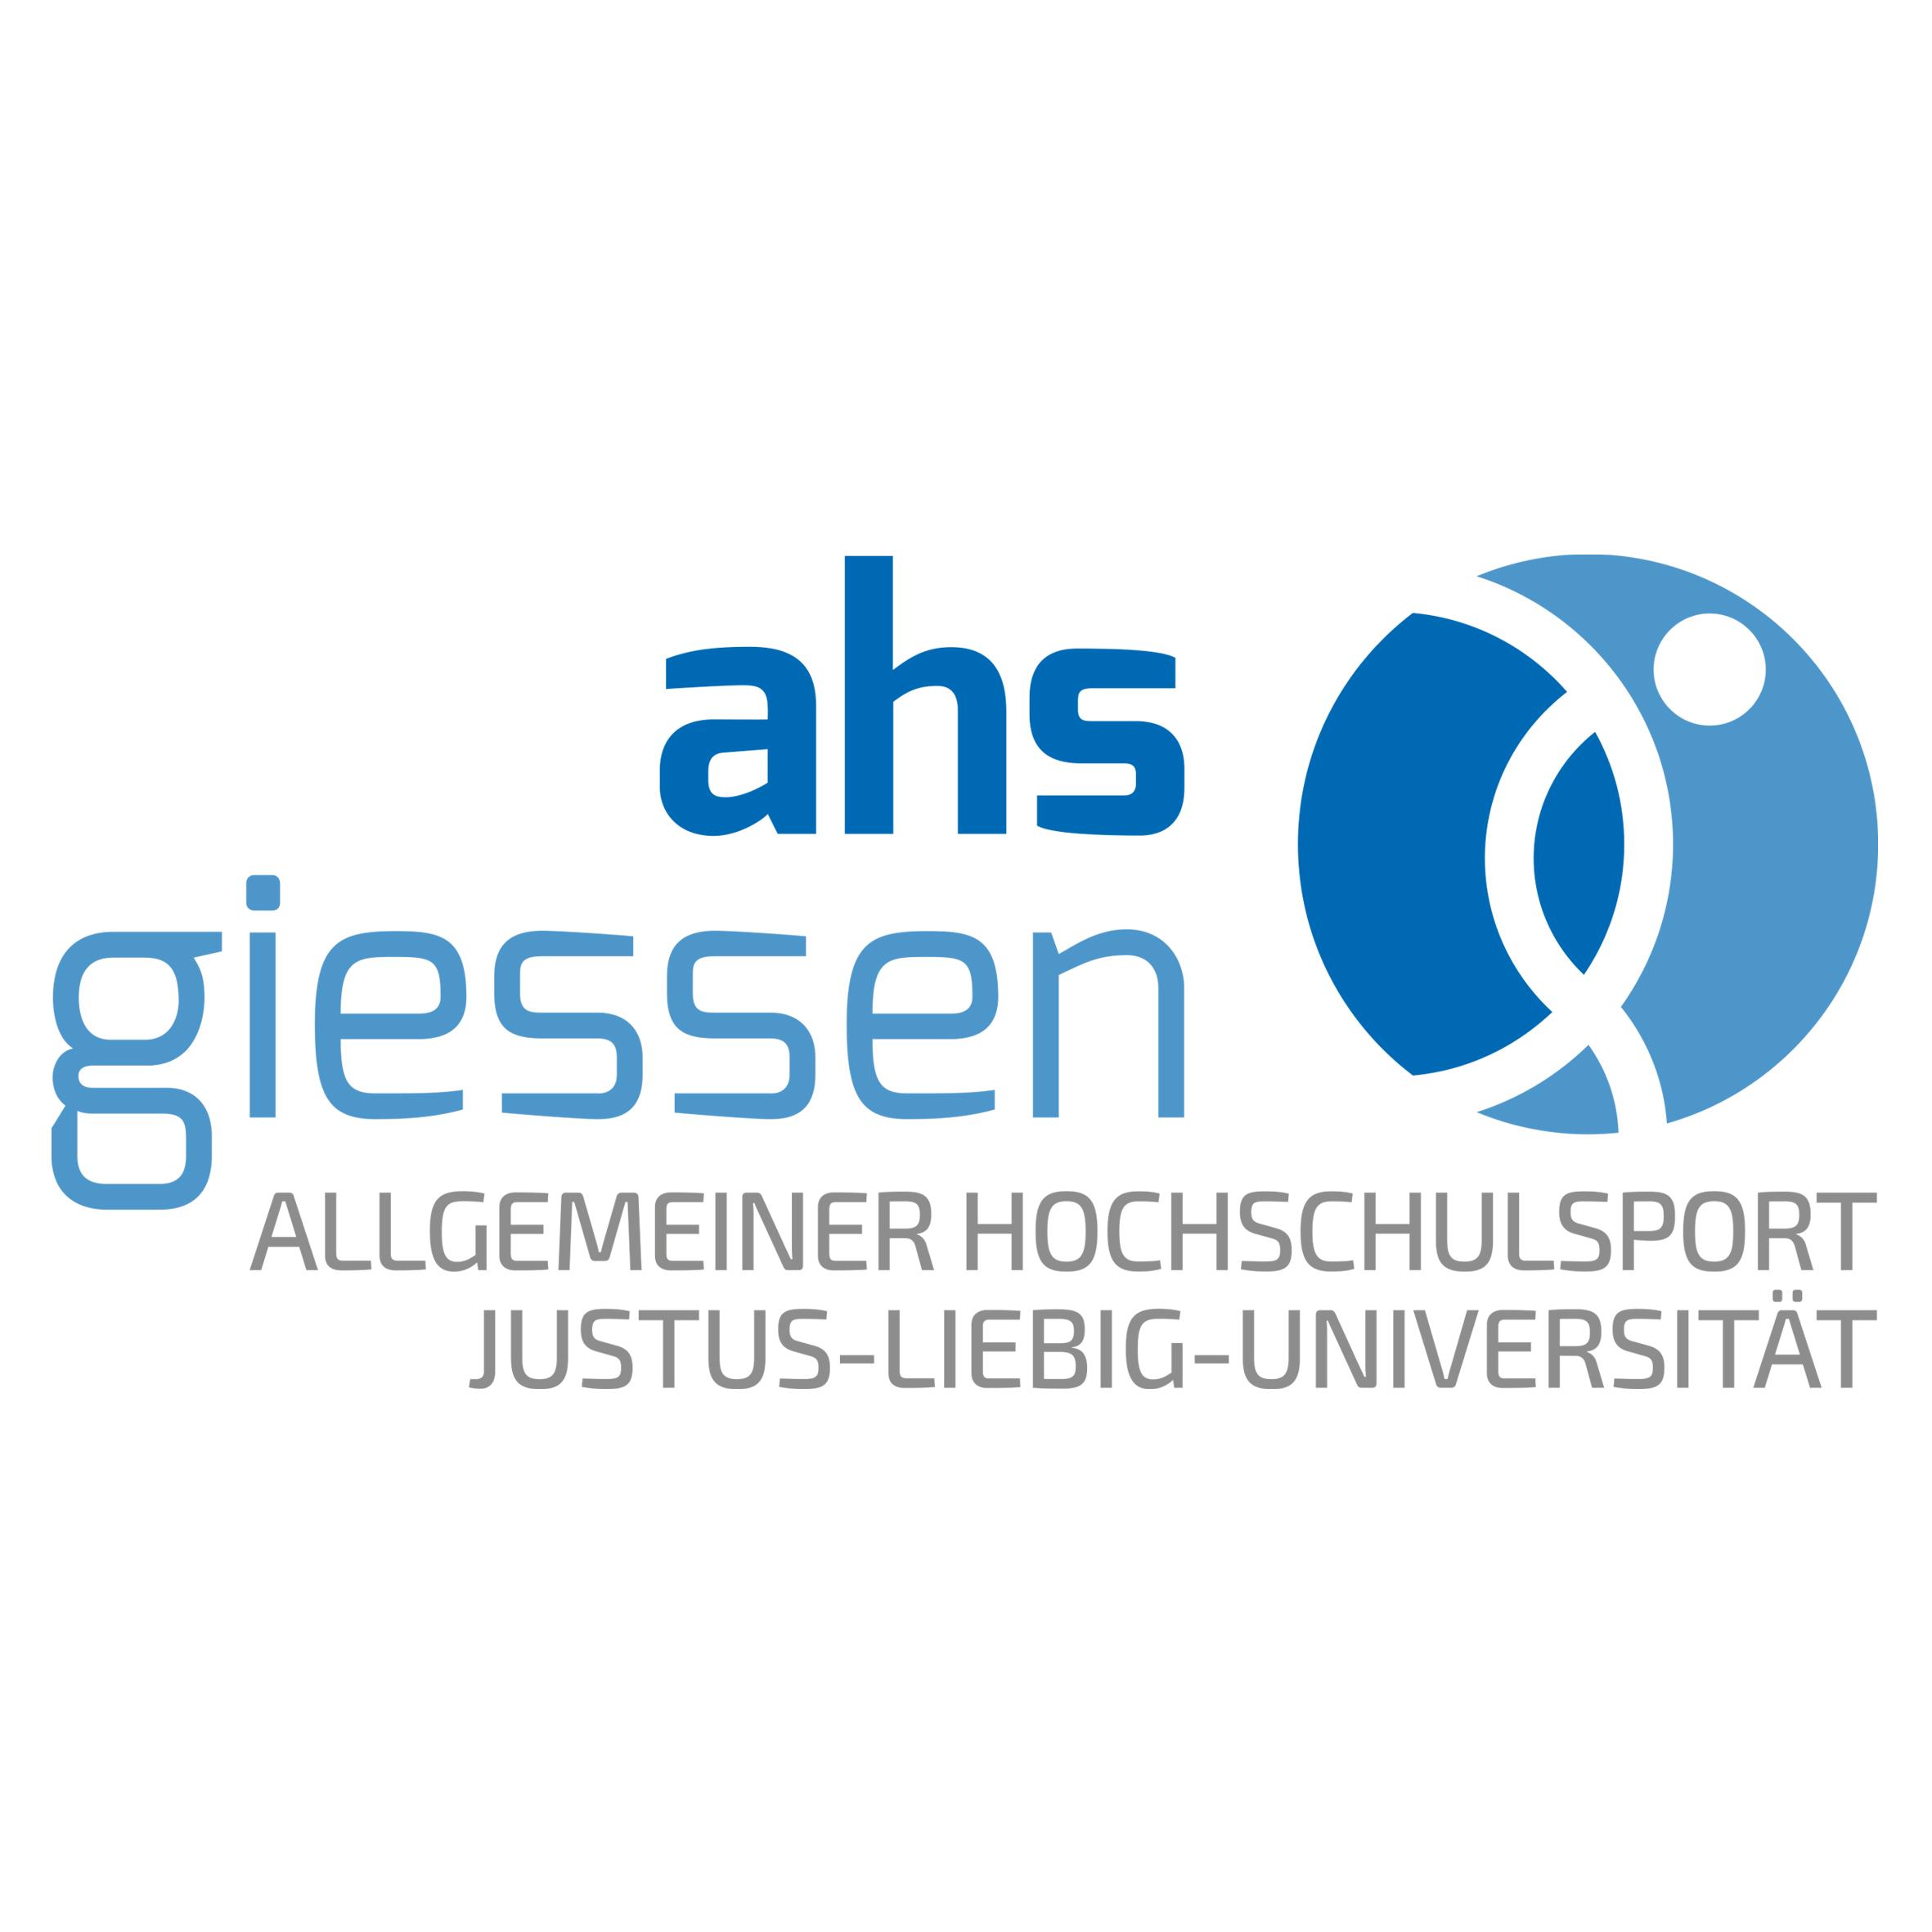 AHS - Allgemeiner Hochschulsport JLU Gießen